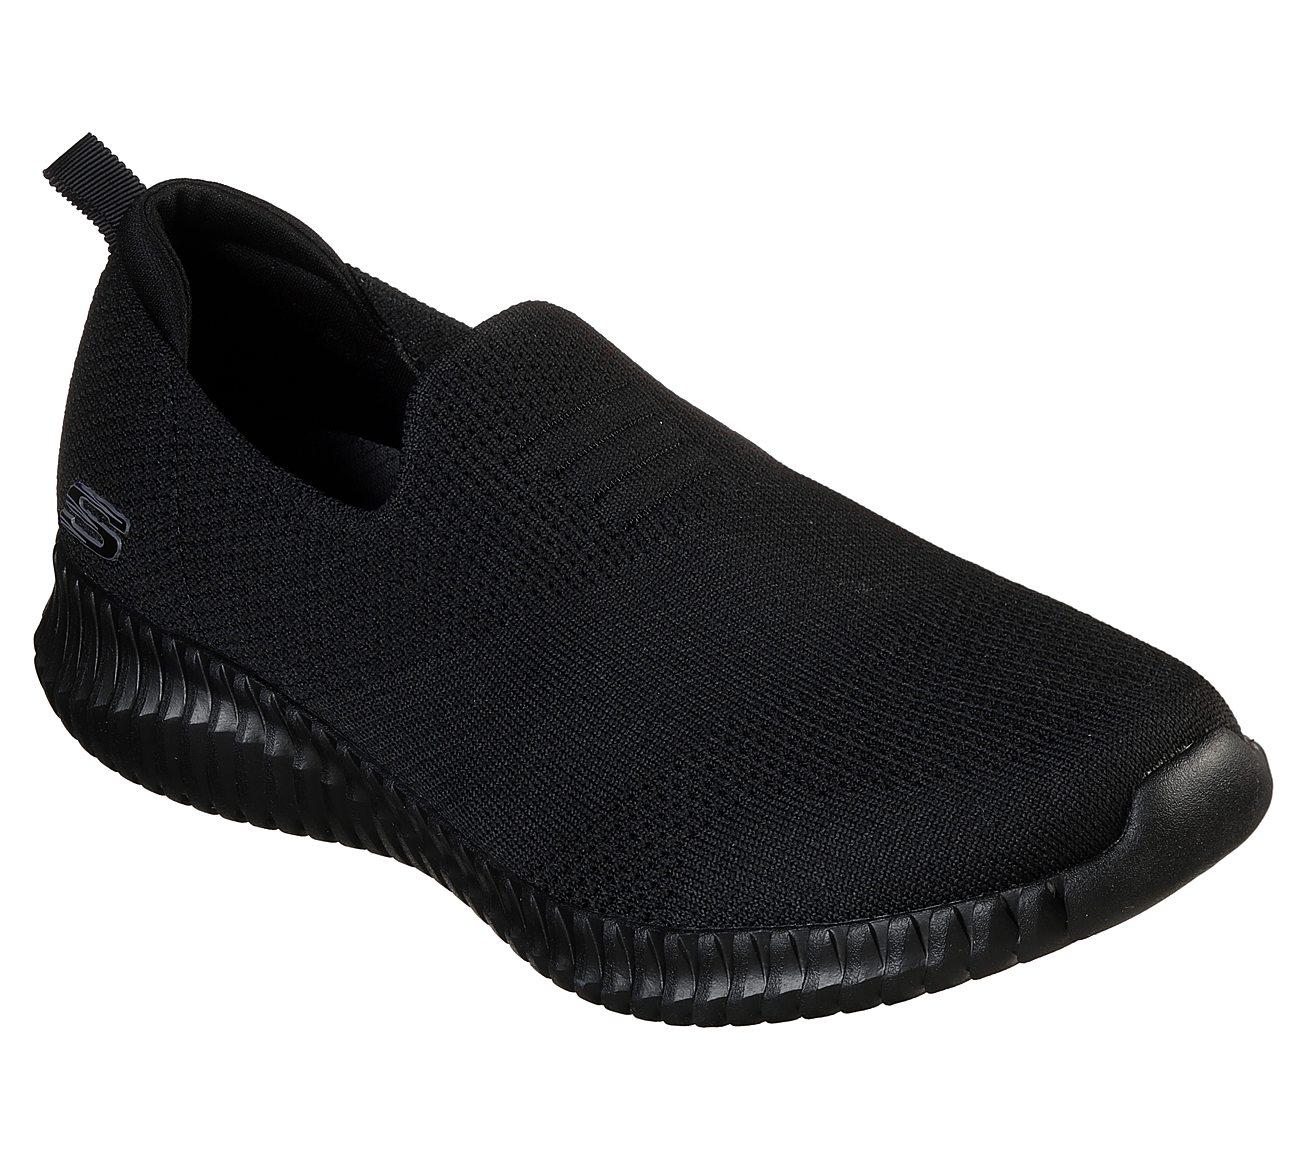 Buy SKECHERS Elite Flex - Aelhill Slip